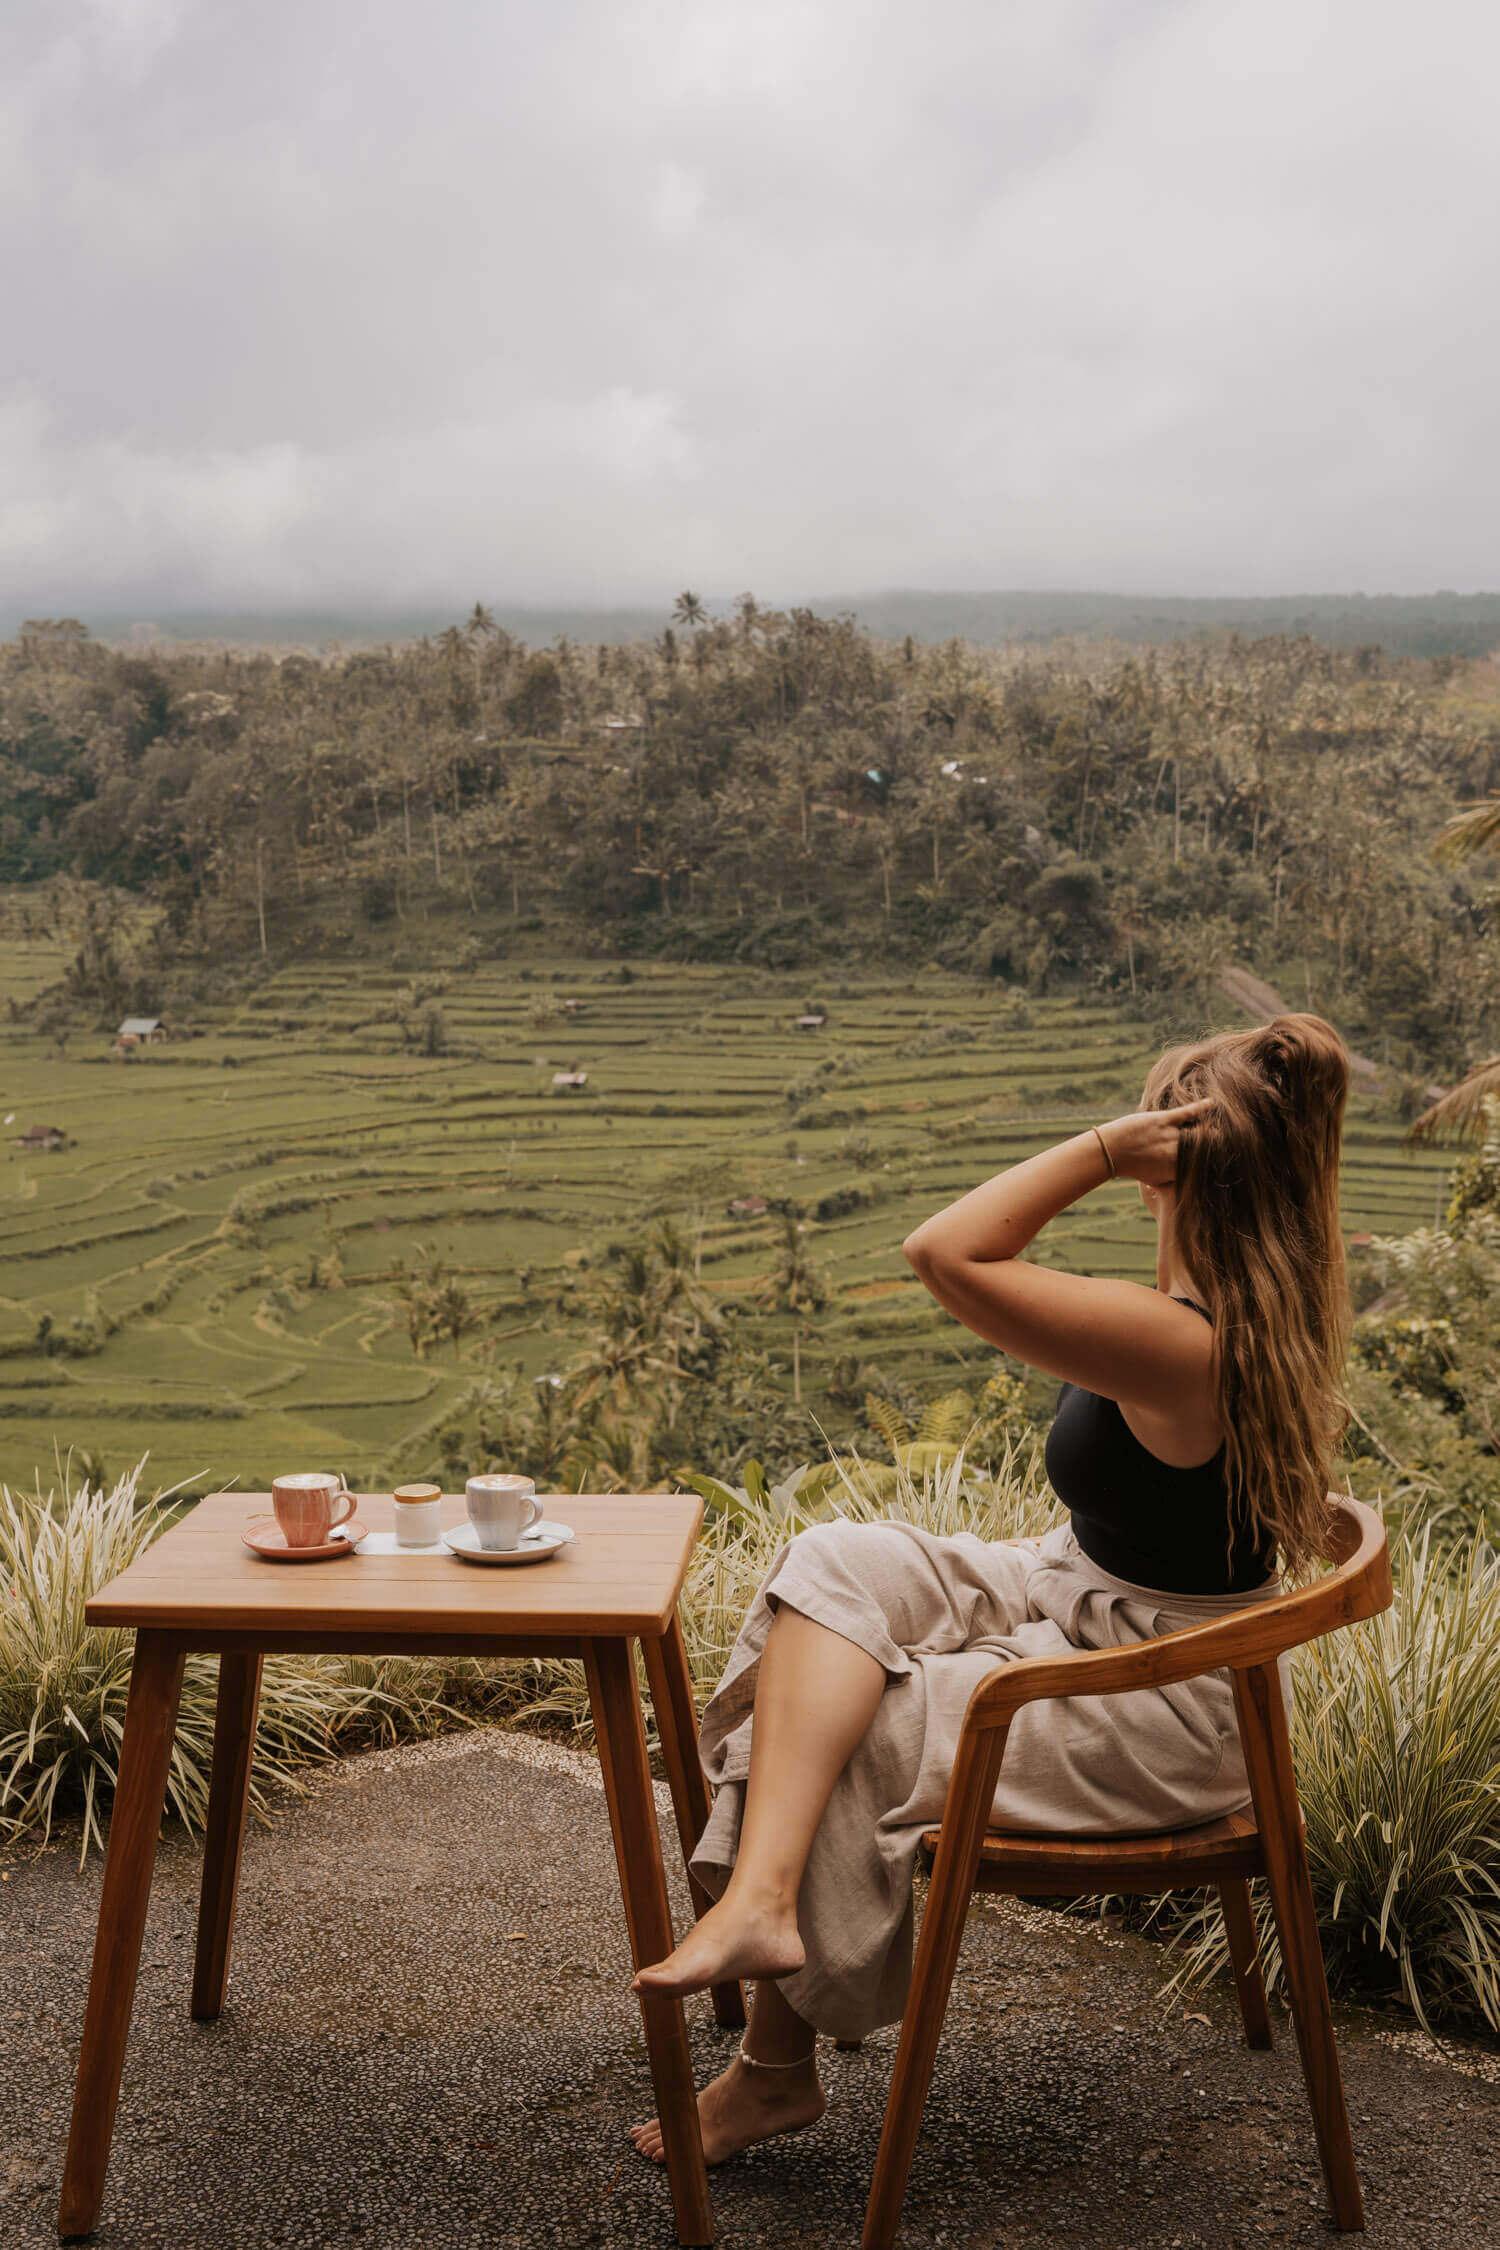 La Montagne Cafe Bali